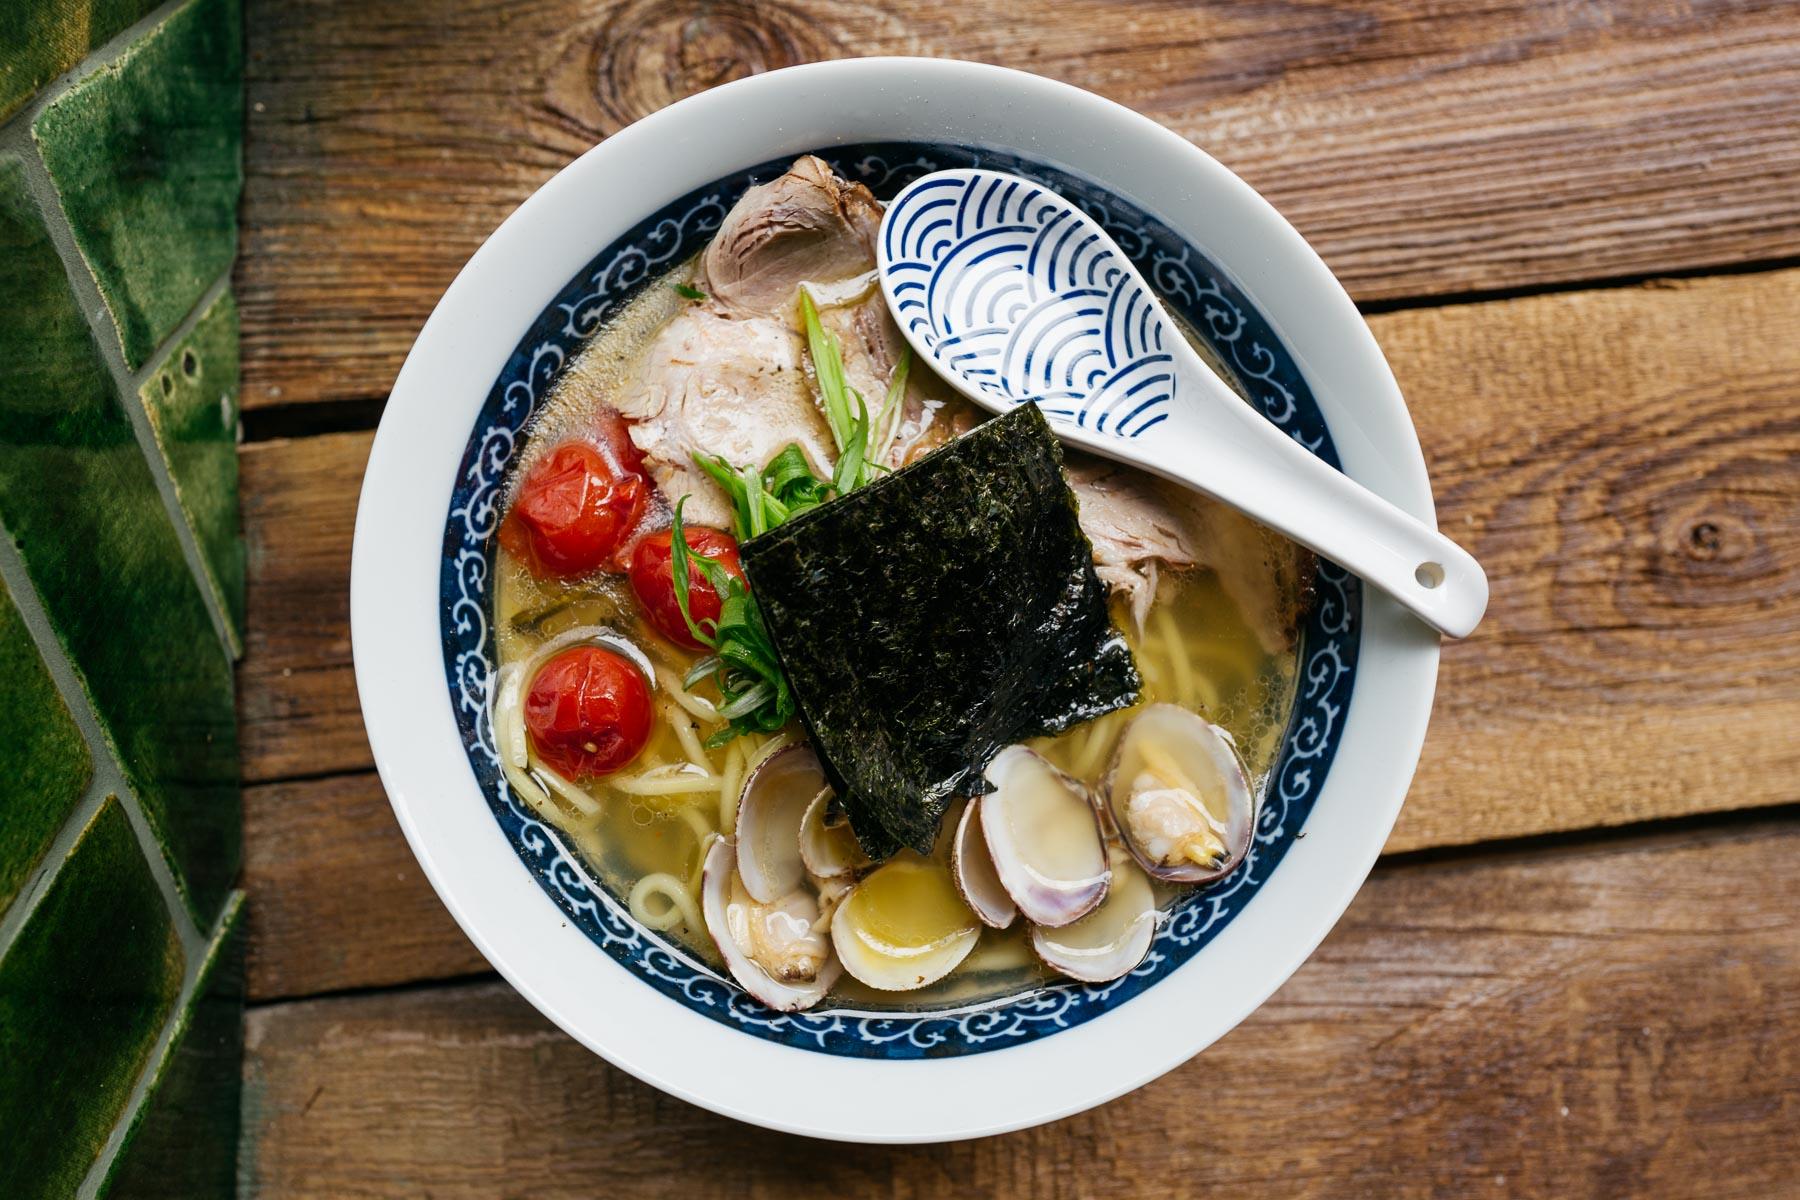 shio ramen (chashu, muszle sercówki, pomidorki cherry, szczypior, naruto) - 32 zł (Arigator Ramen Shop)